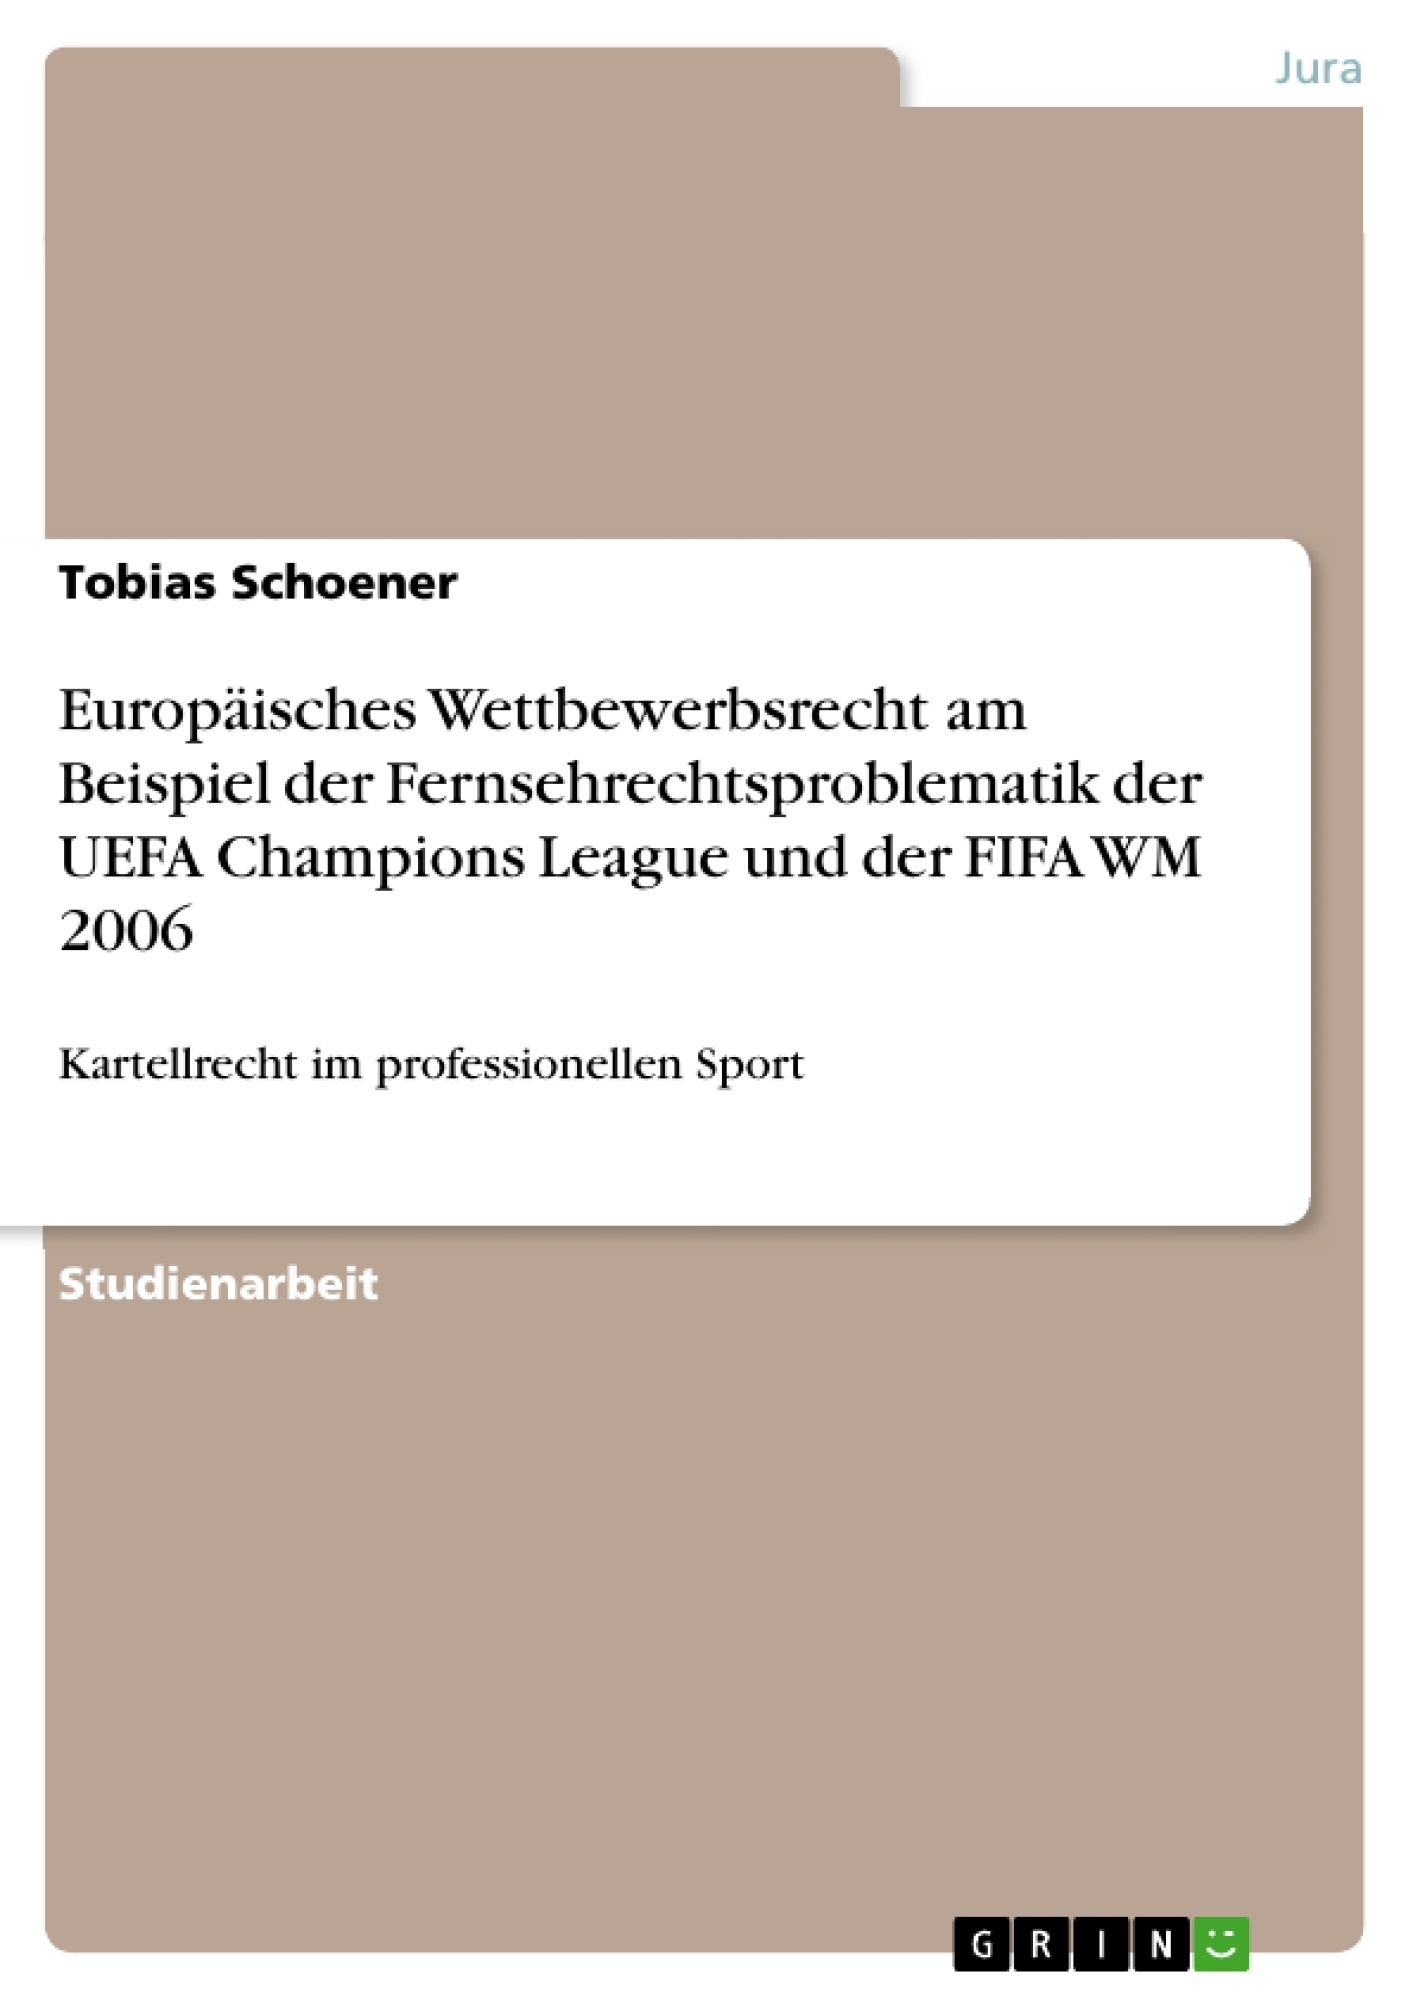 Titel: Europäisches Wettbewerbsrecht am Beispiel der Fernsehrechtsproblematik der UEFA Champions League und der FIFA WM 2006